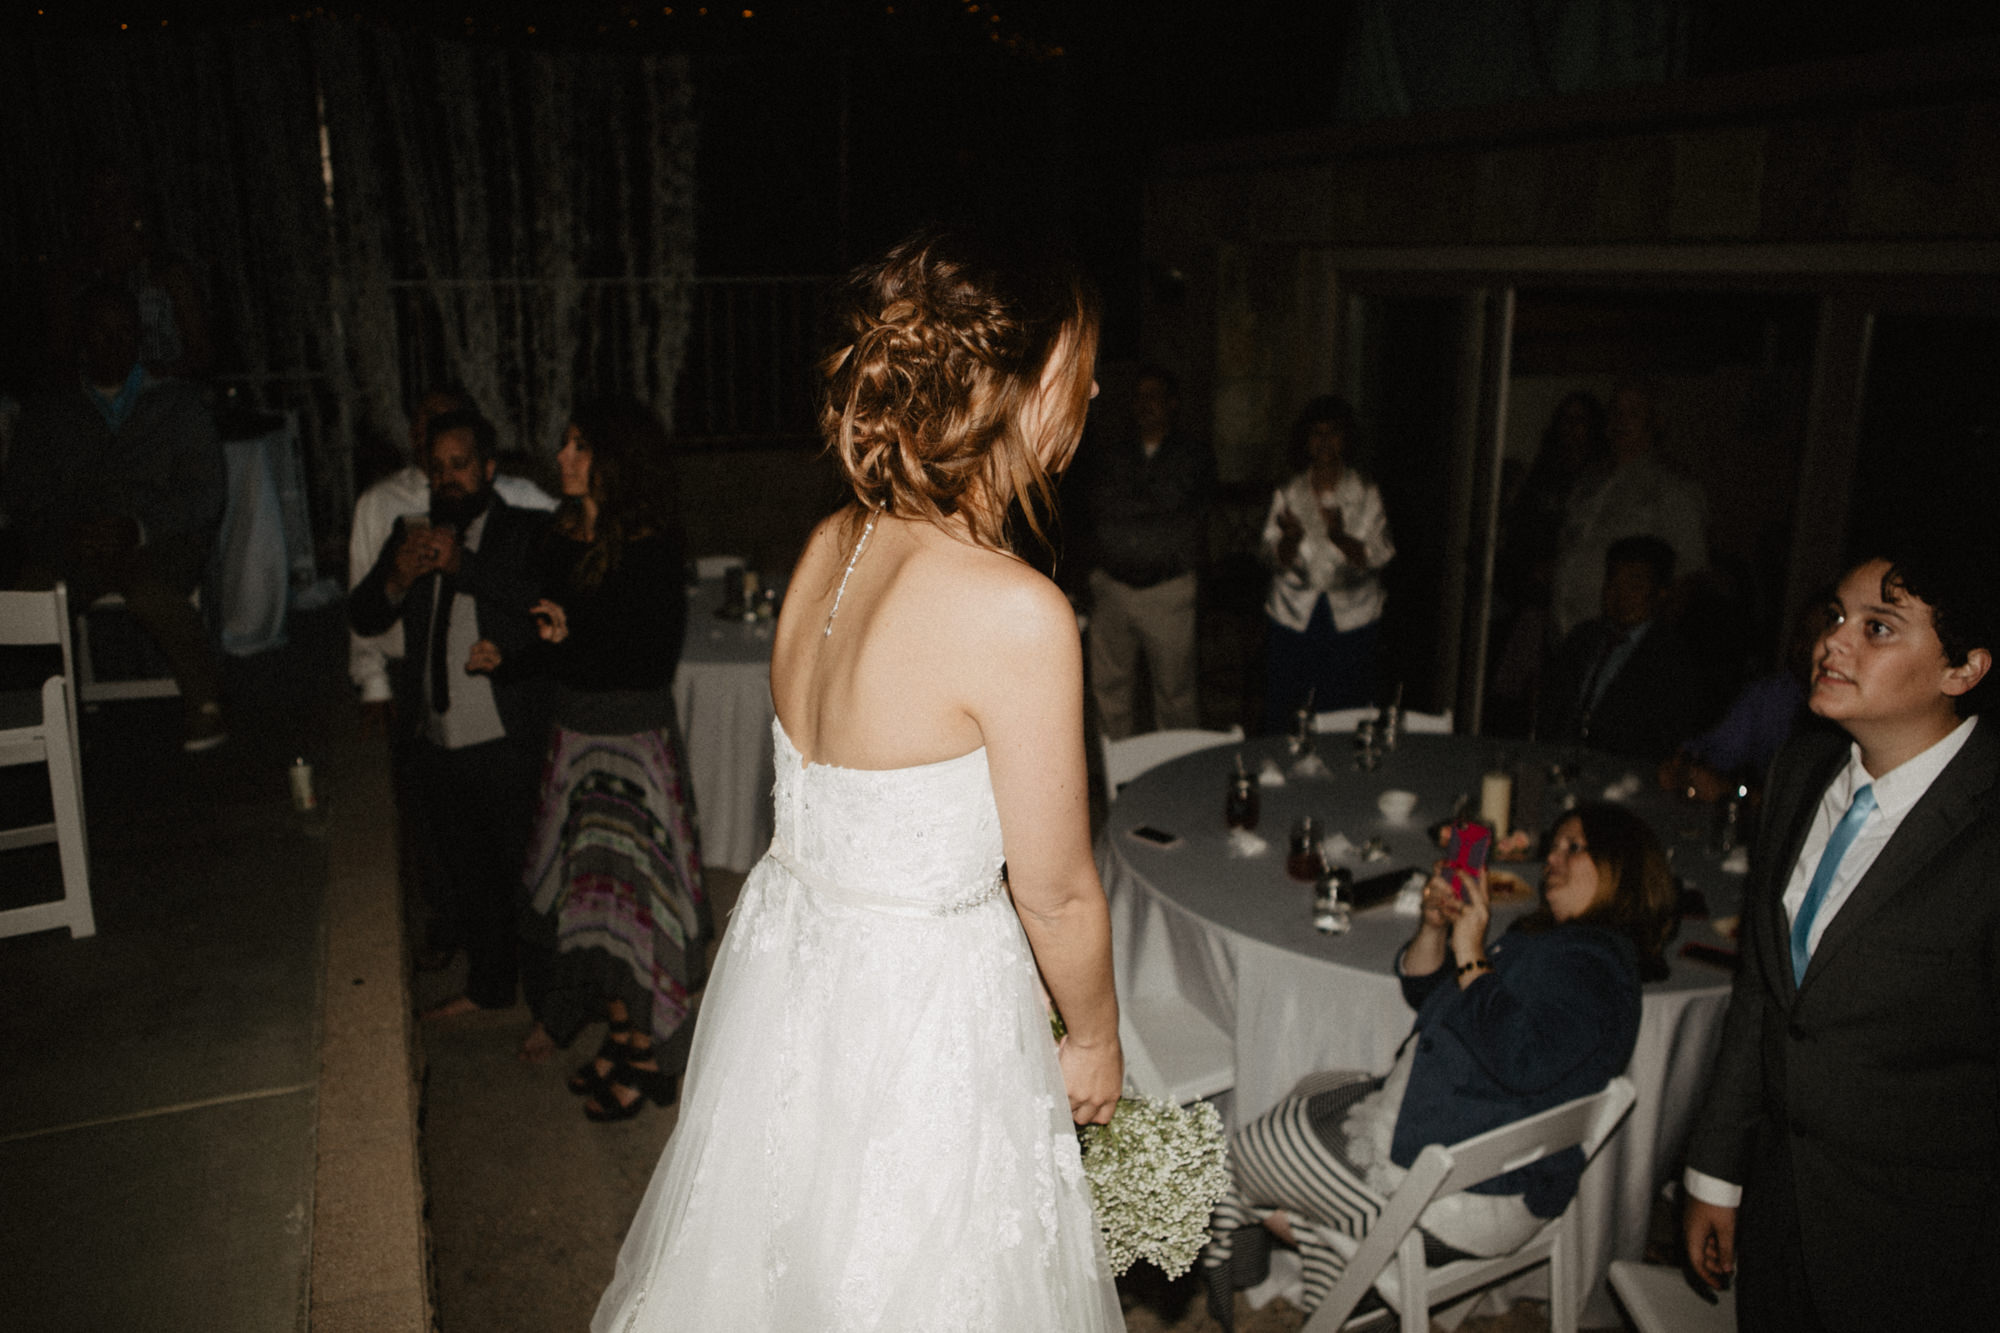 oceanside_airbnb_wedding-78.jpg